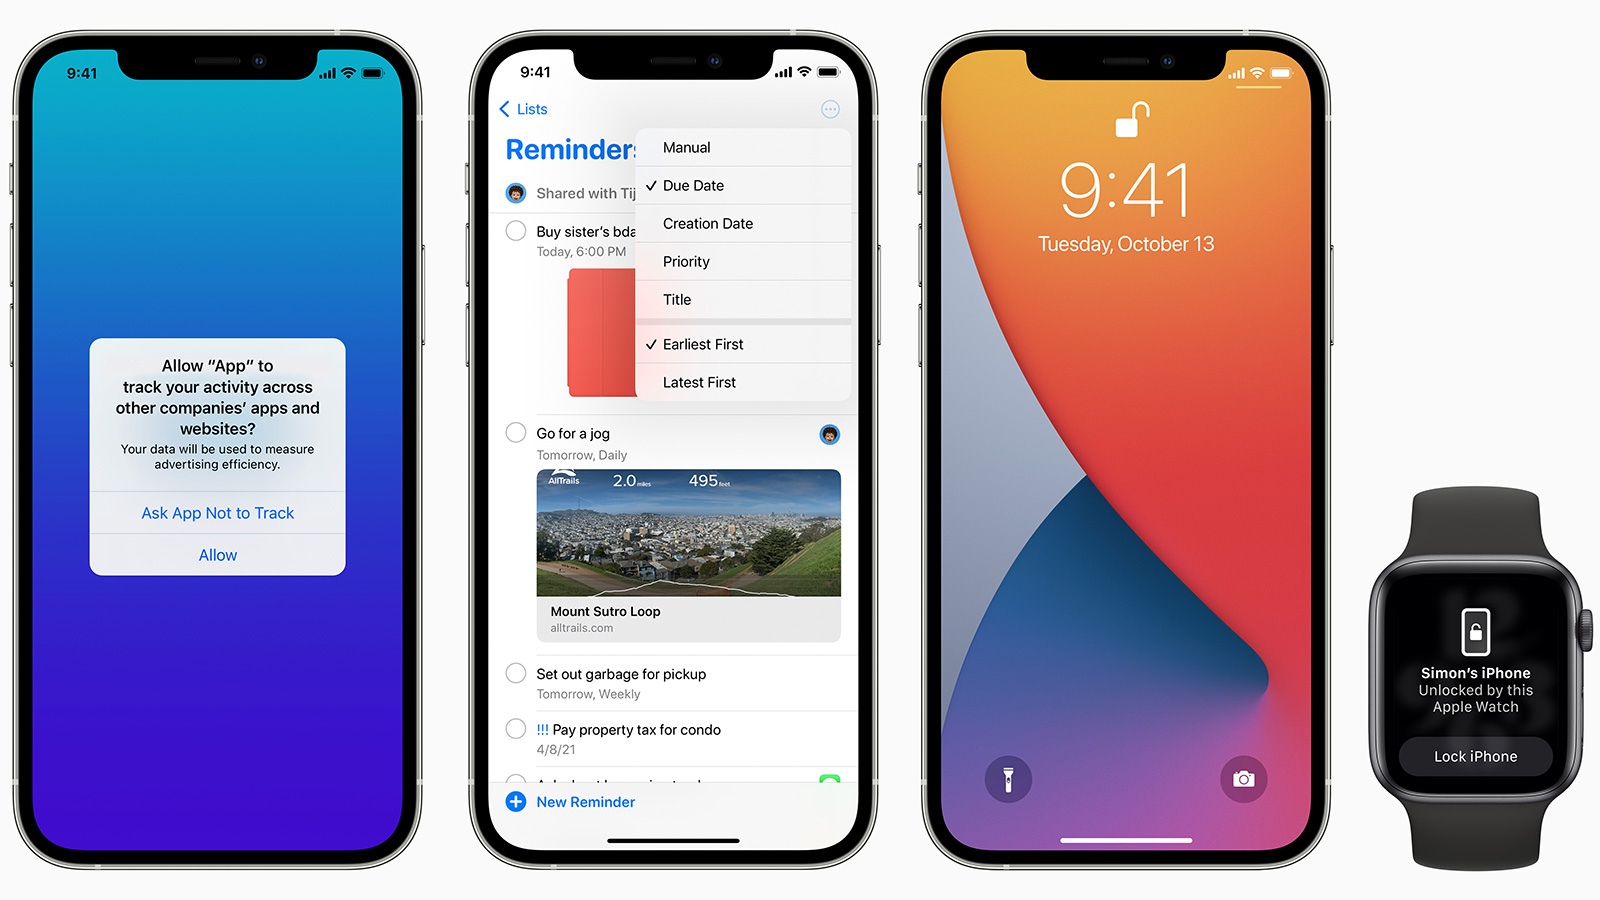 iOS 14.5 為 iPhone 帶來了令人興奮的全新功能,包括:戴著口罩時使用 Apple Watch 解鎖 iPhone、更多種 Siri 聲線、新的私隱控制、為情侶表情符號選取適合的膚色等等。